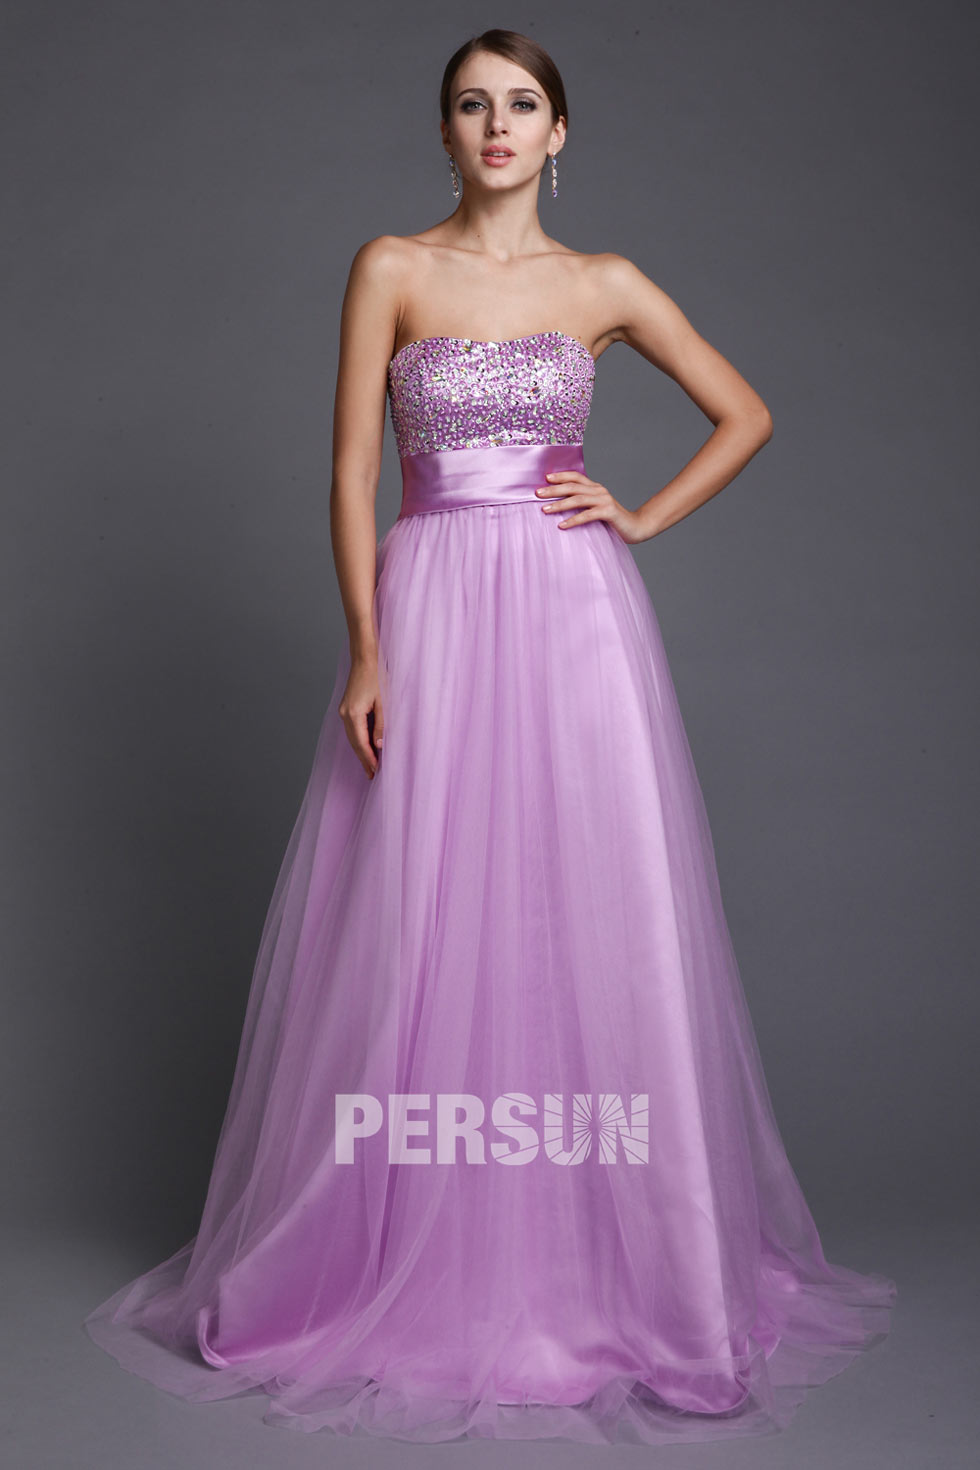 Robe de bal lilac Empire Ligne A décolleté en cœur ornée de paillette